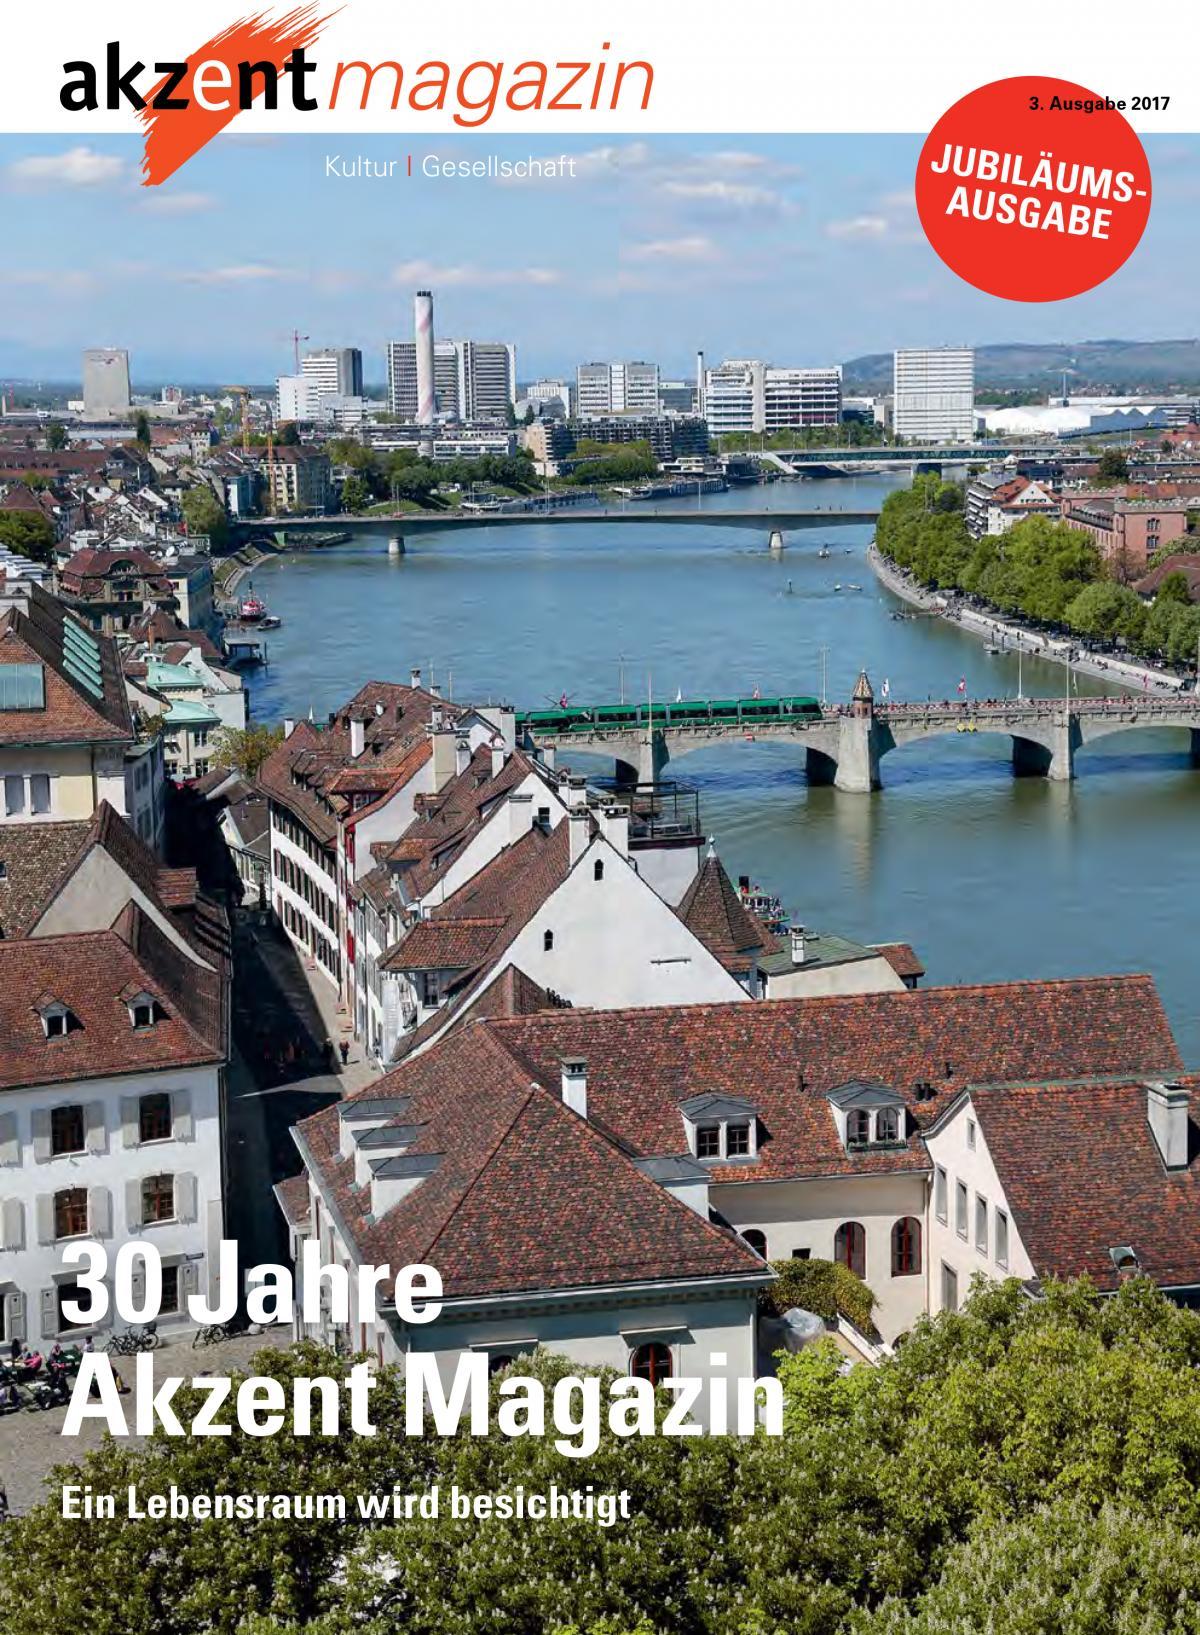 Jubiläums-Ausgabe des Akzent-Magazins mit grossem Bericht über die Heilsarmee.